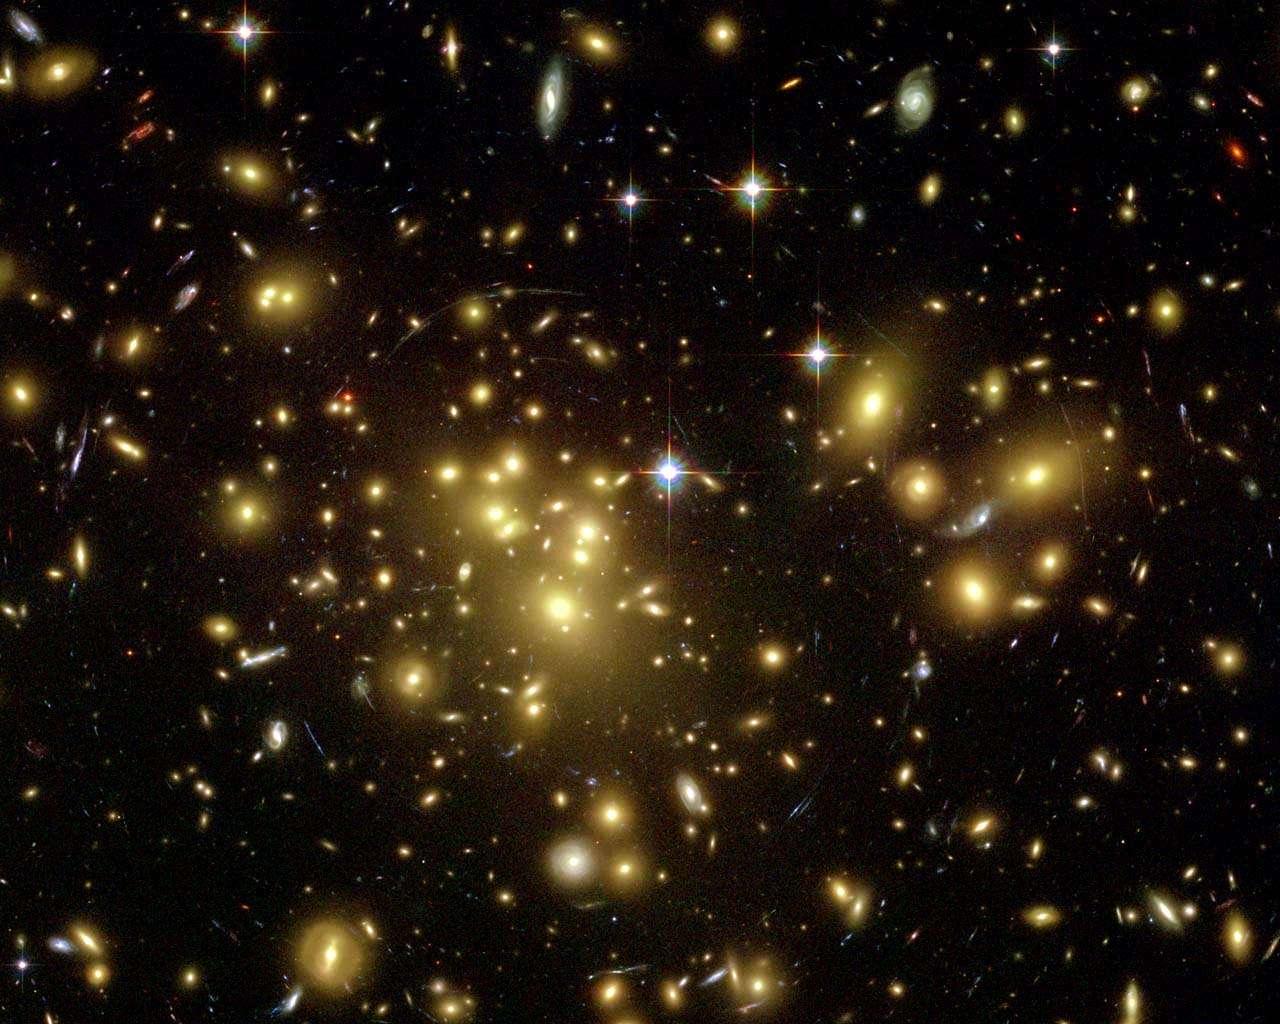 Abell 1689 est un amas de galaxies dans la constellation de la Vierge. C'est l'un des plus grands amas et un des plus massifs avec effet de lentille gravitationnelle, trahissant la présence de matière noire. Il est distant de 2,2 milliards d'années-lumière et contient environ 1.000 galaxies. © Nasa